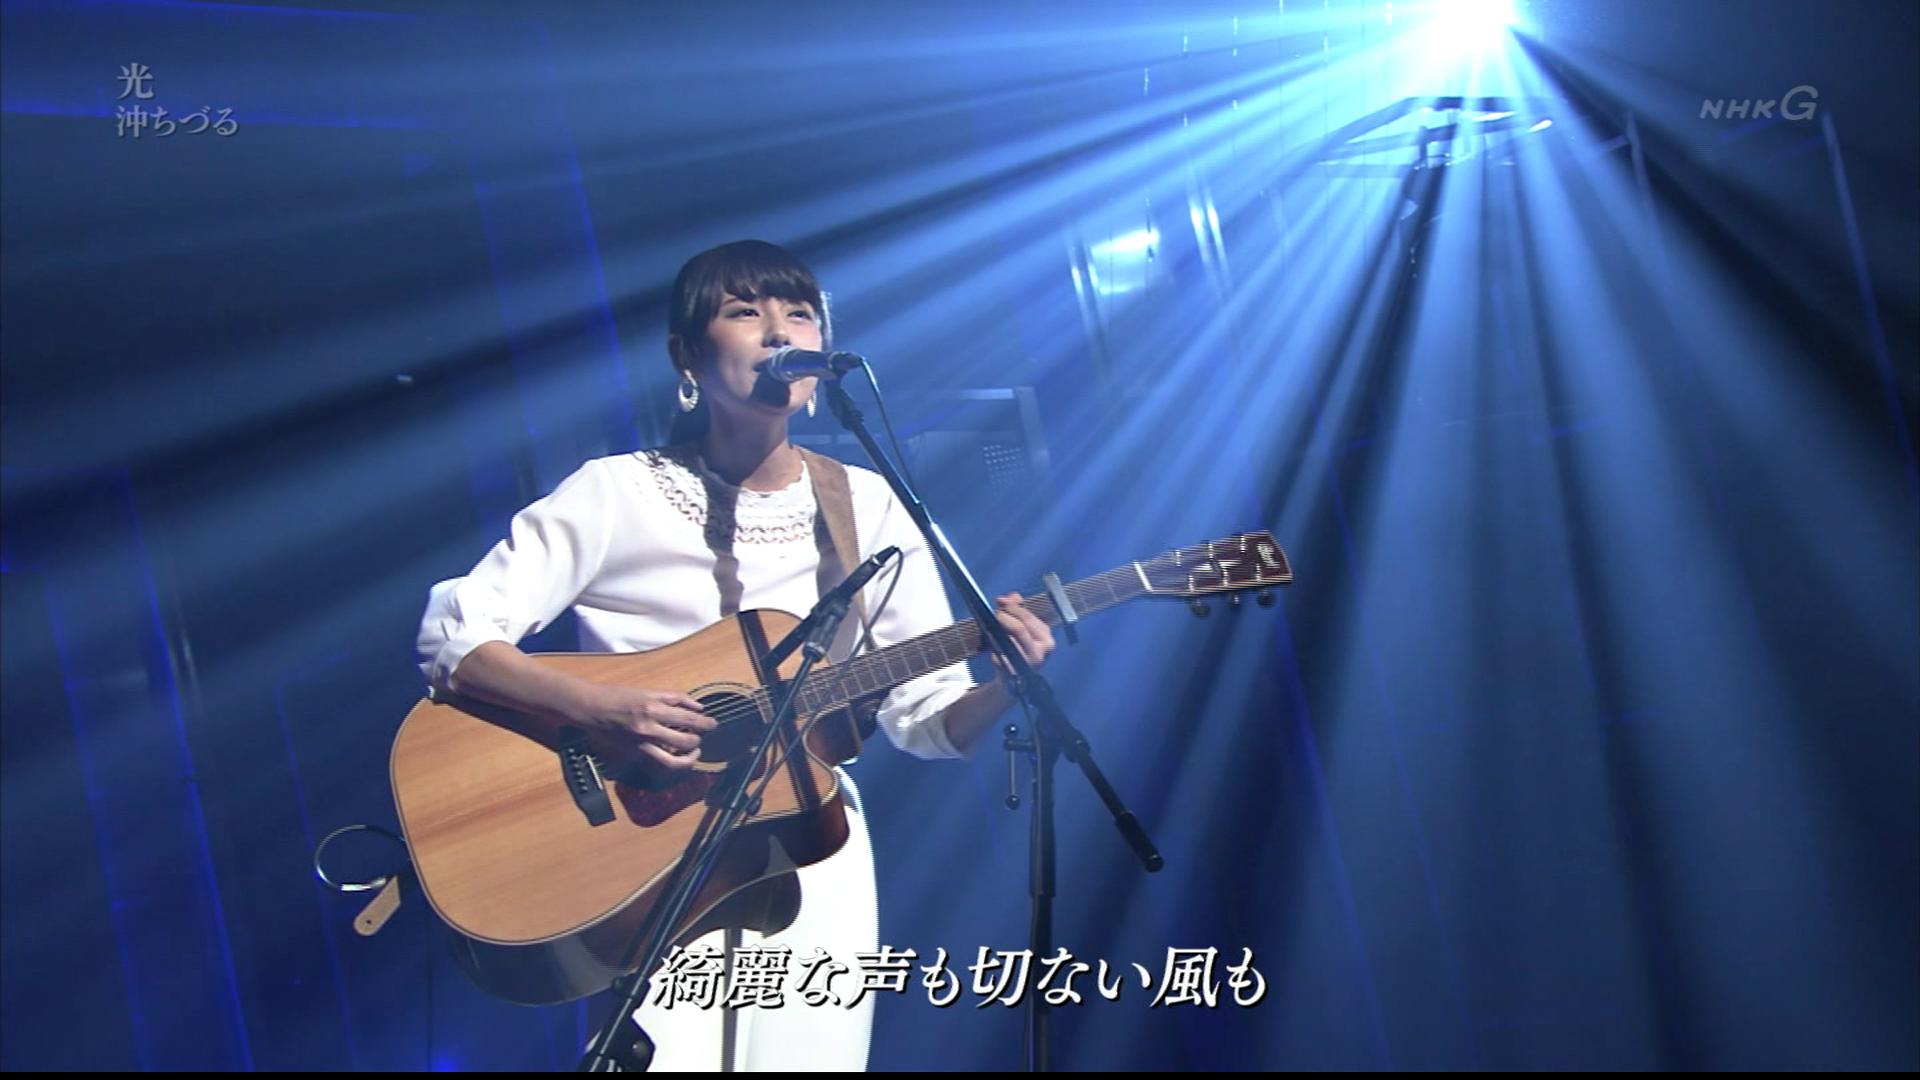 20161116.05.03 Chizuru Oki - Hikari (Music Japan 2015.09.20 HDTV) (JPOP.ru).ts 1.jpg